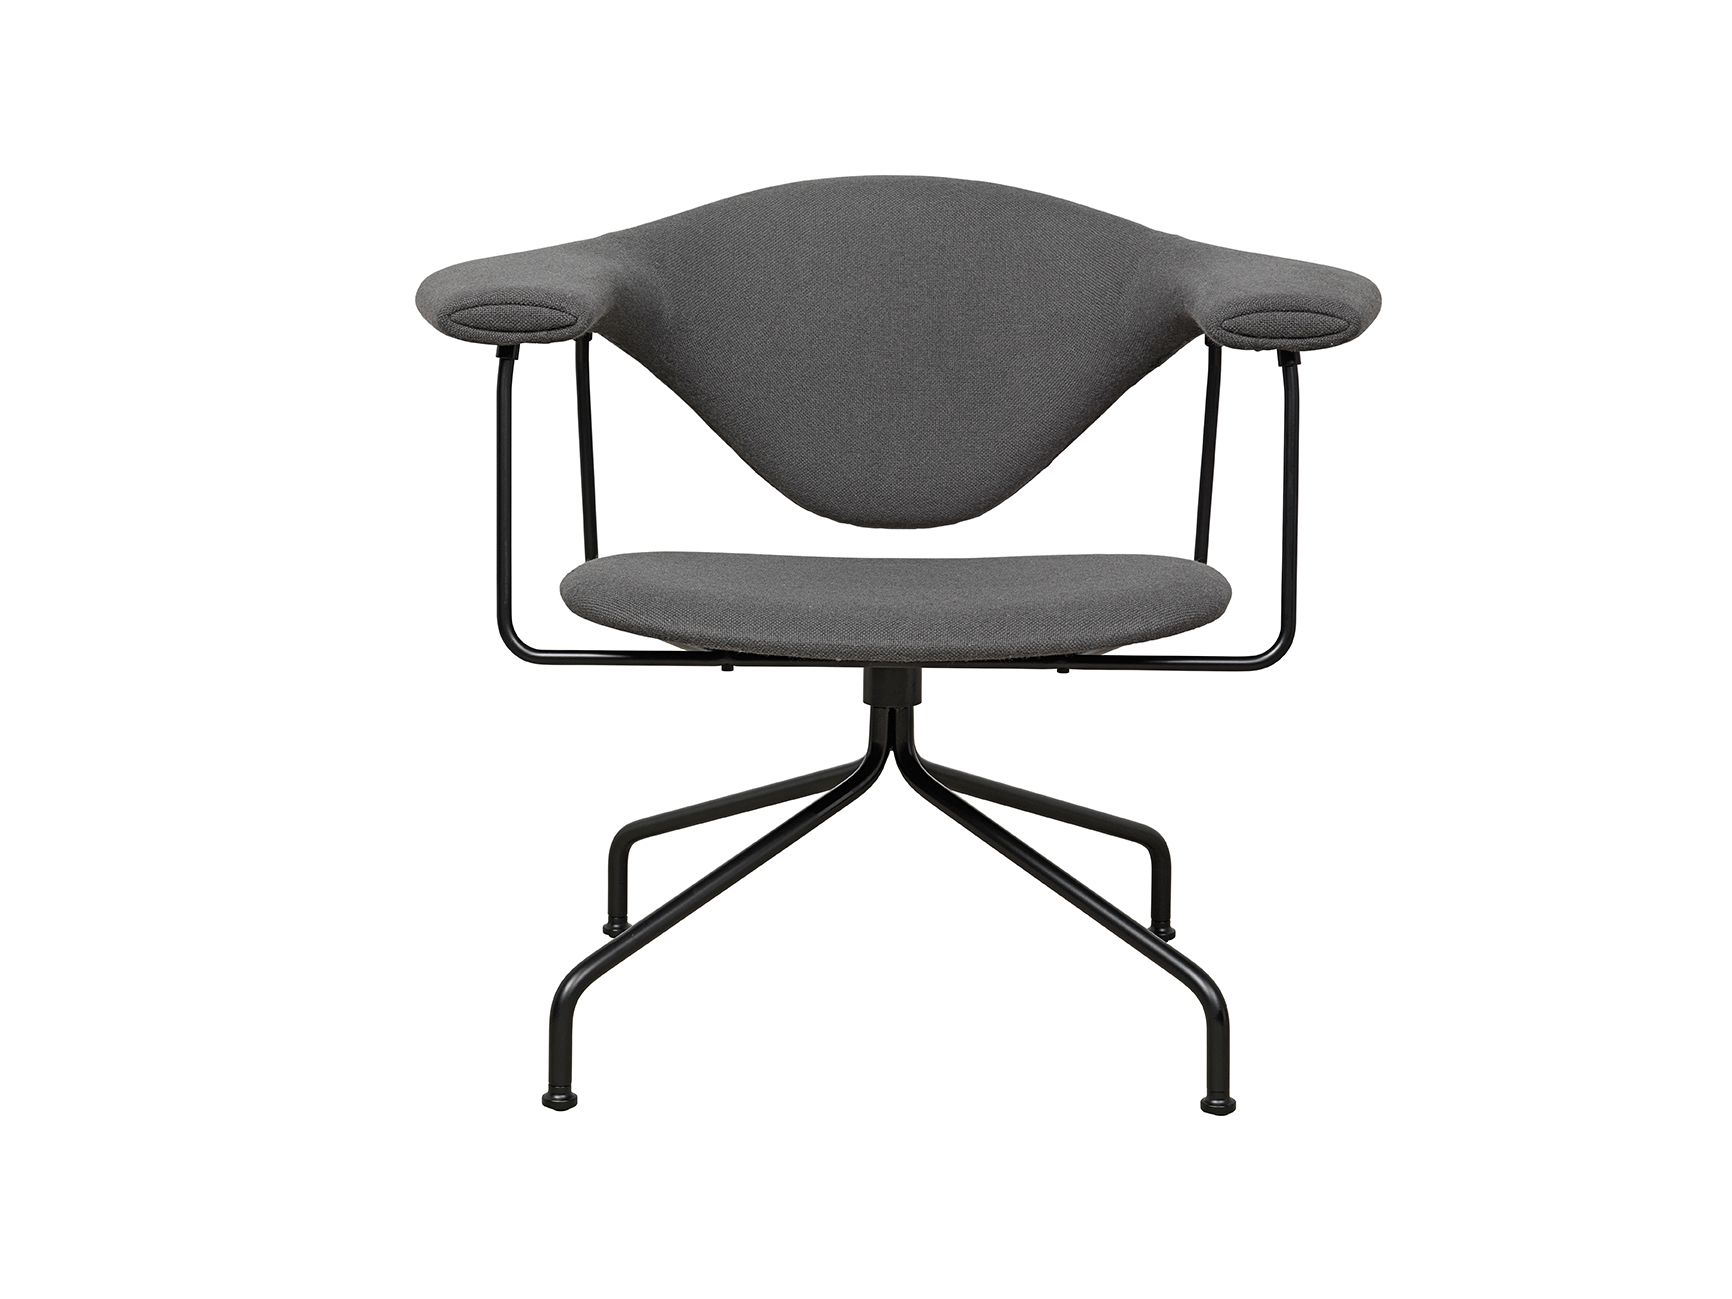 Gubi Masculo Lounge Chair By Gamfratesi Chair Gubi